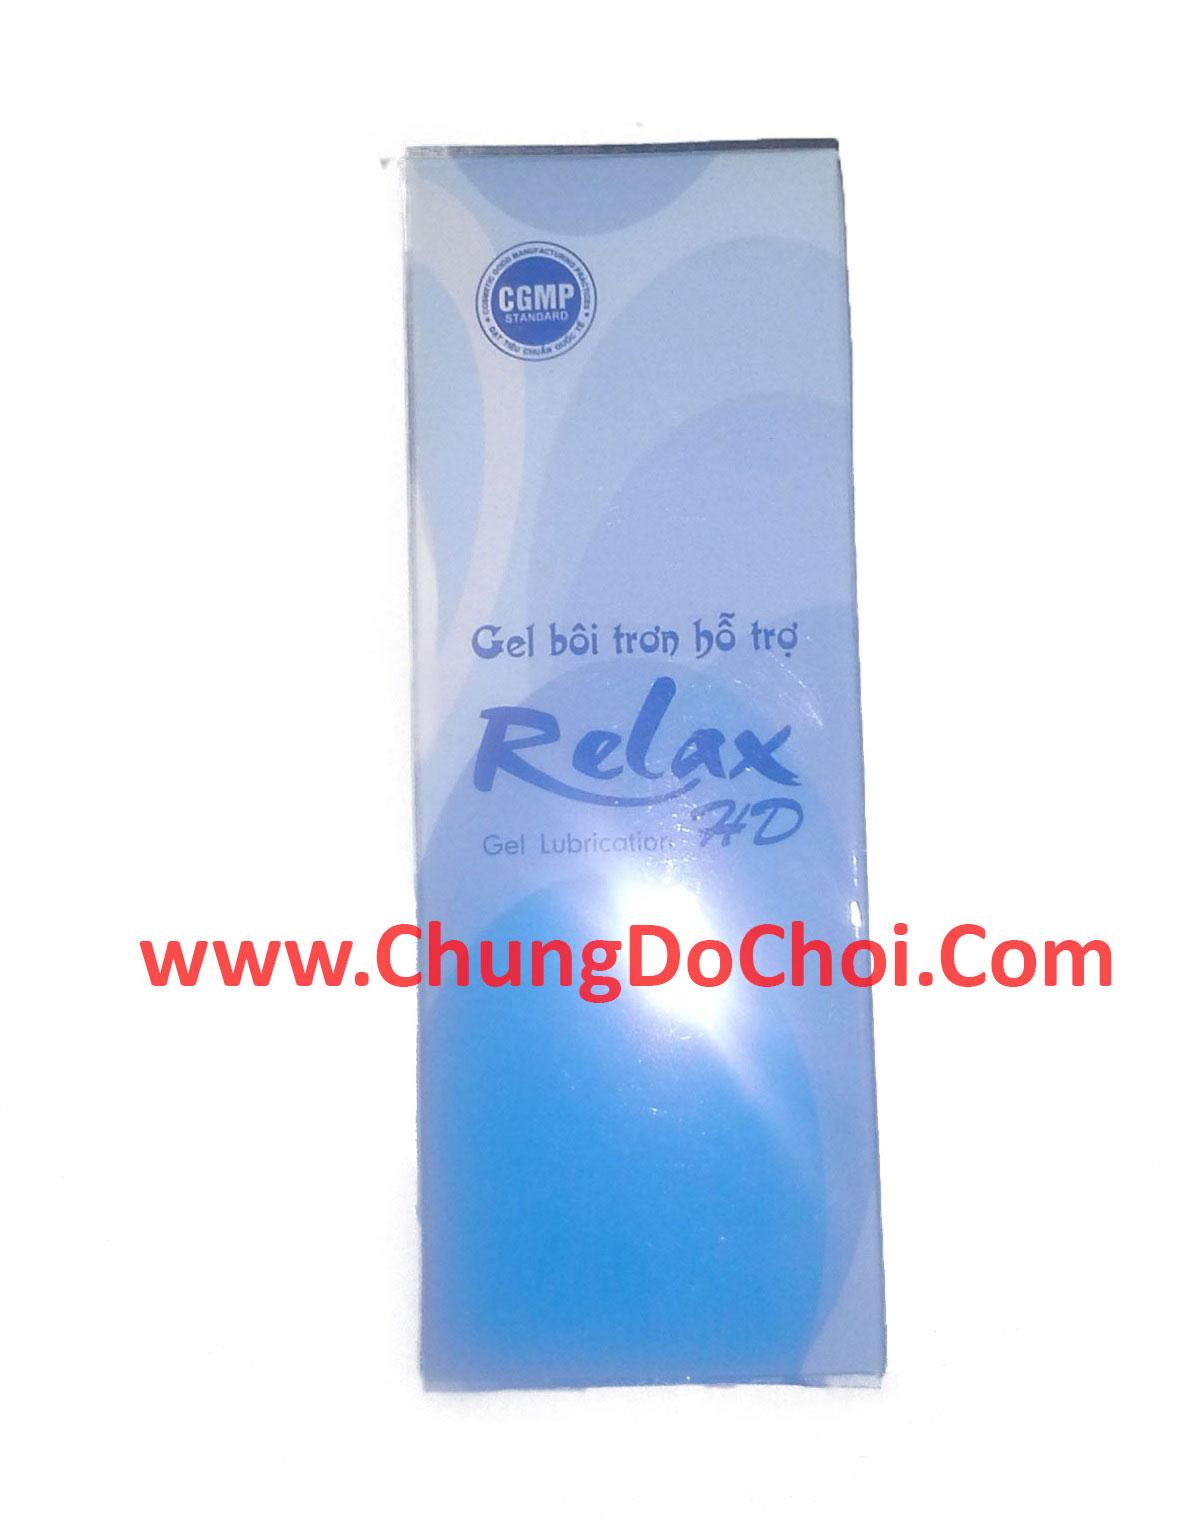 Hộp bao bì sản phẩm gel bôi trơn RelaxHD